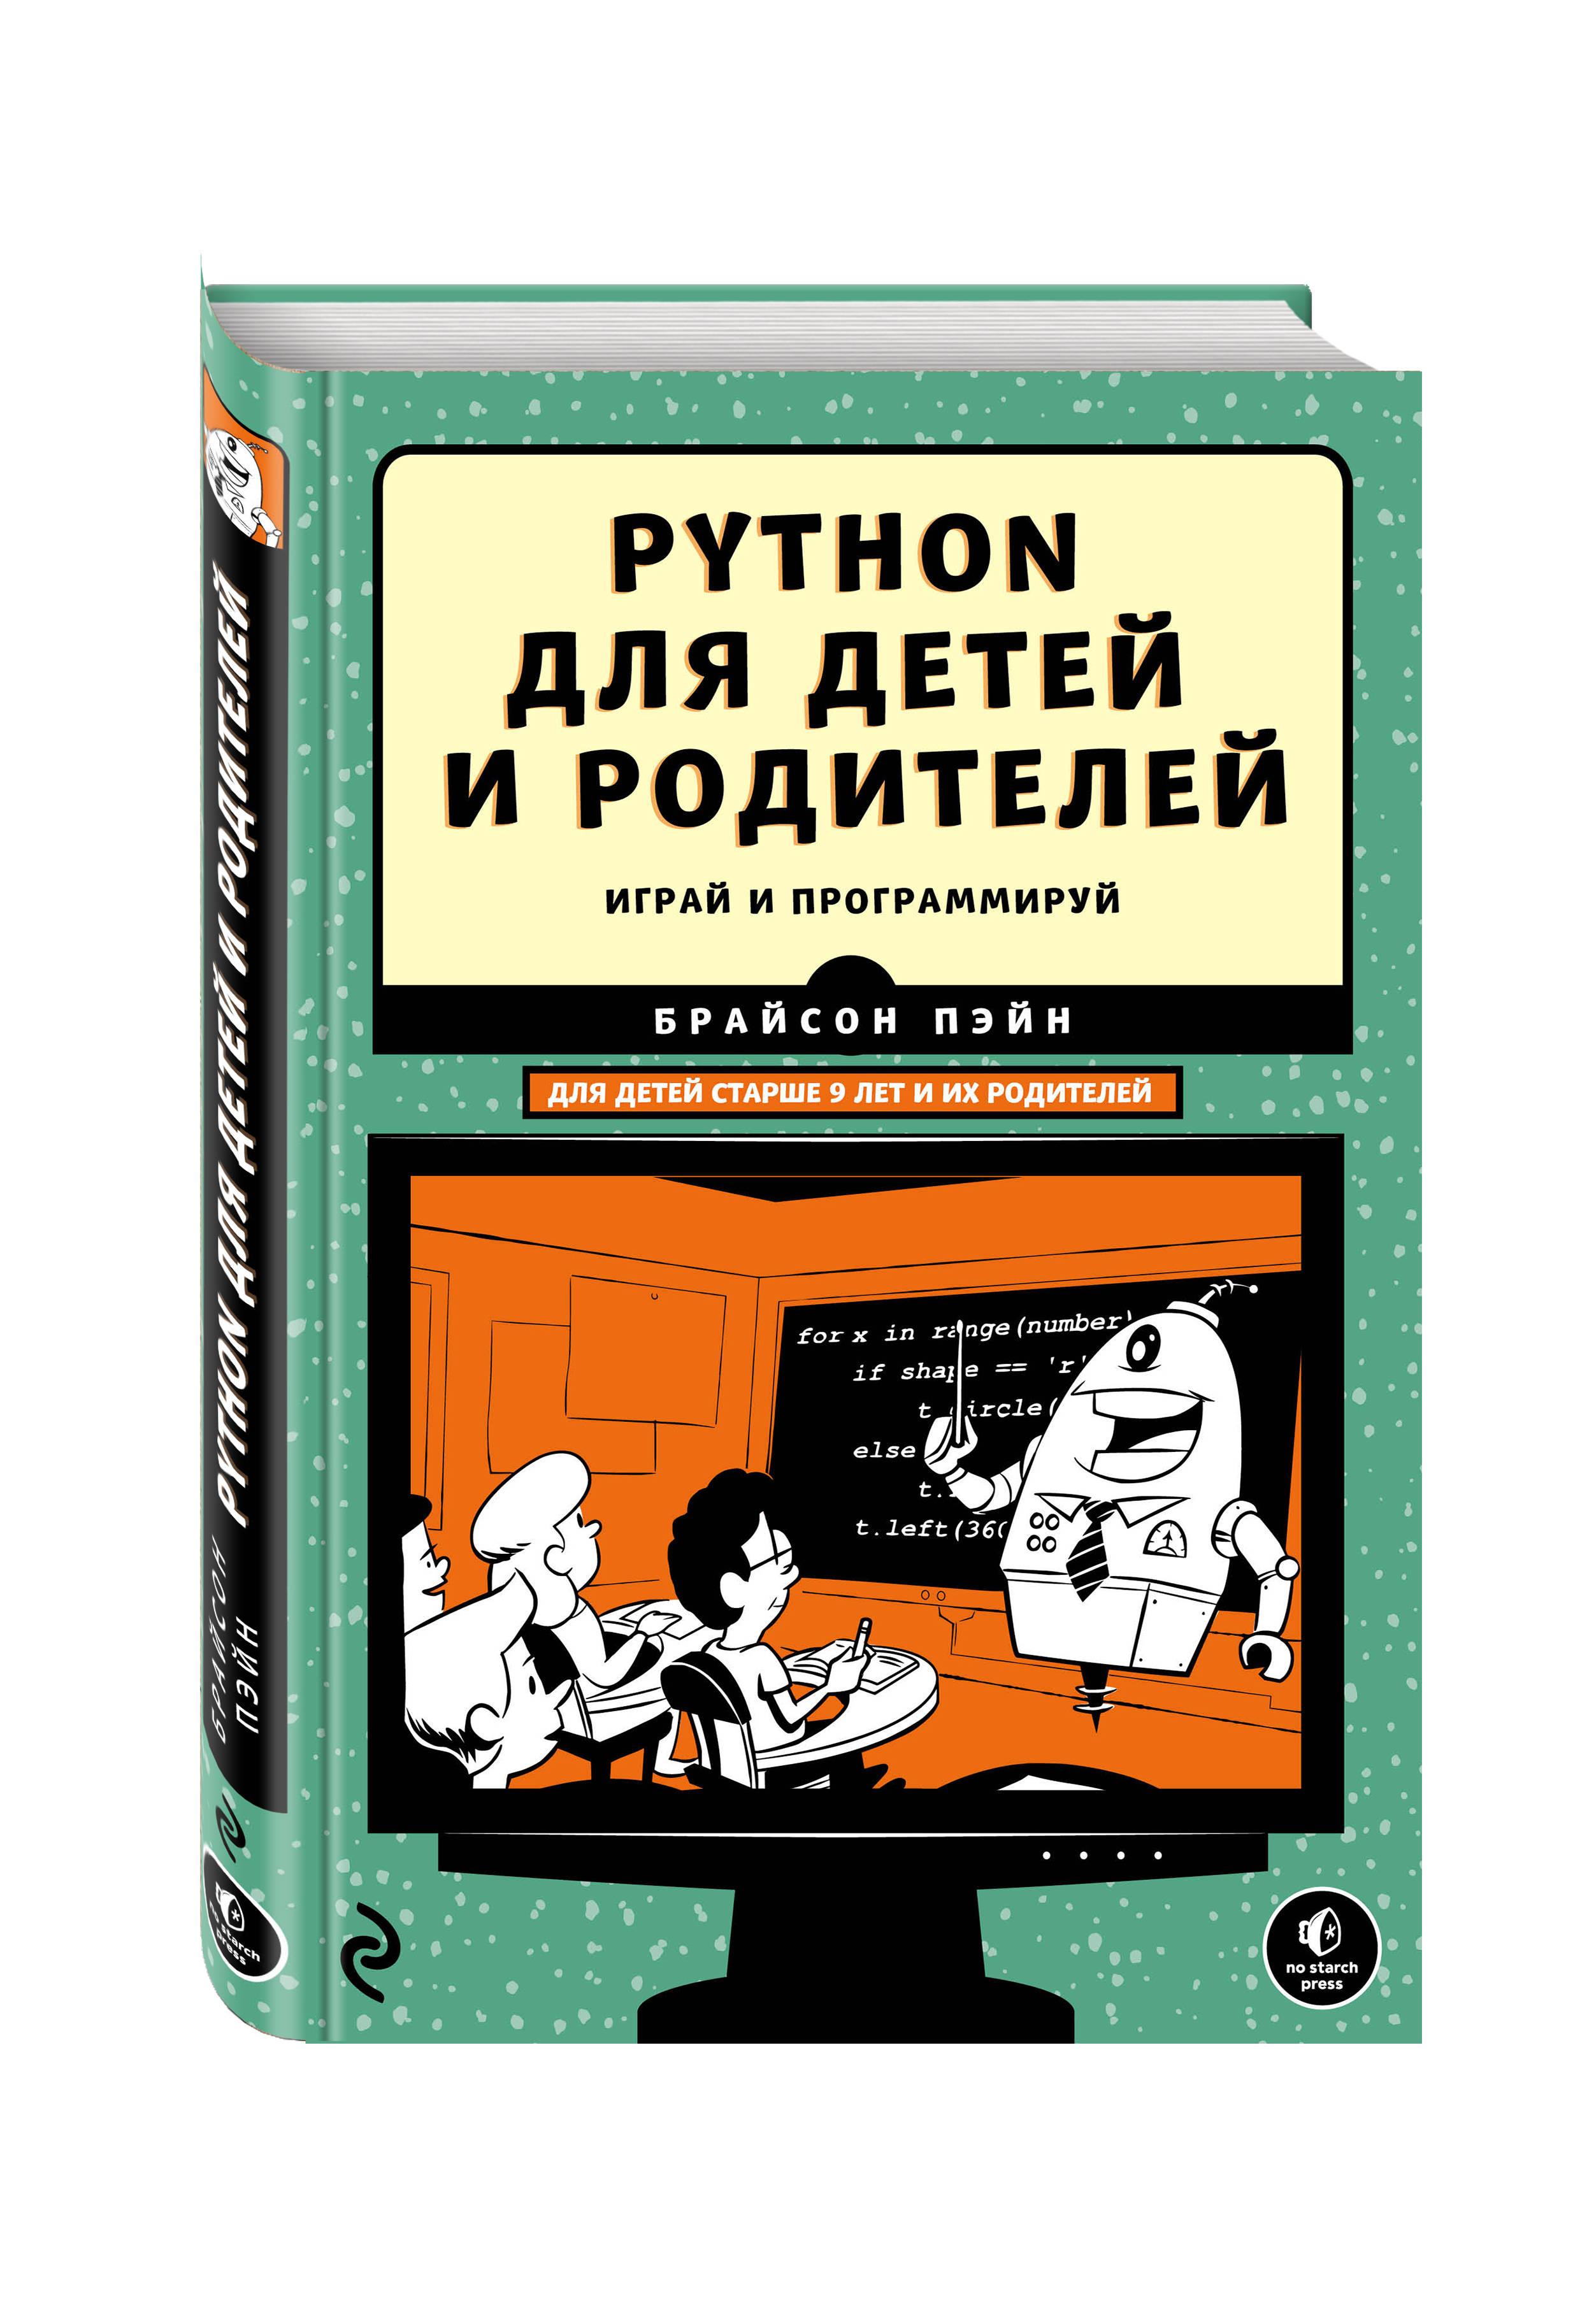 Python для детей и родителей ( Пэйн Б.  )